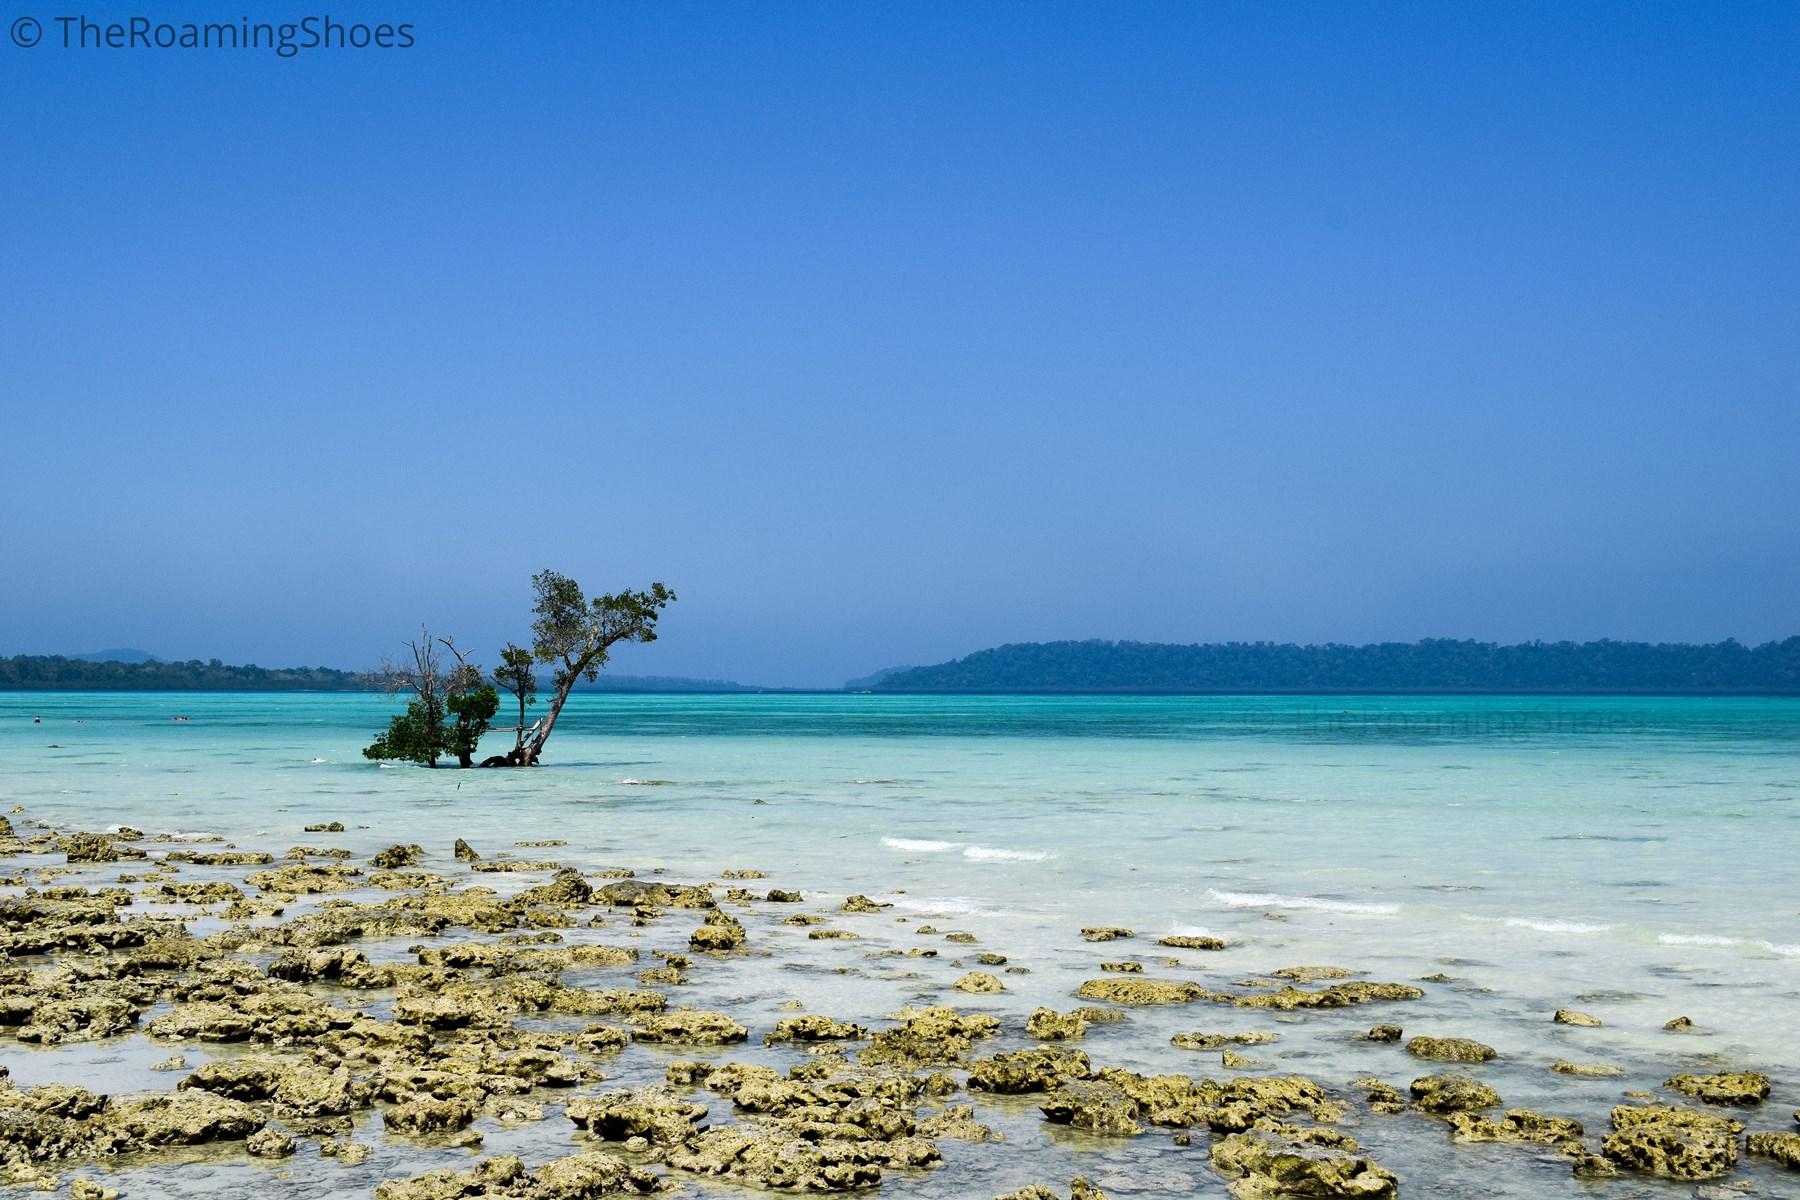 Vijay Nagar beach in Andaman